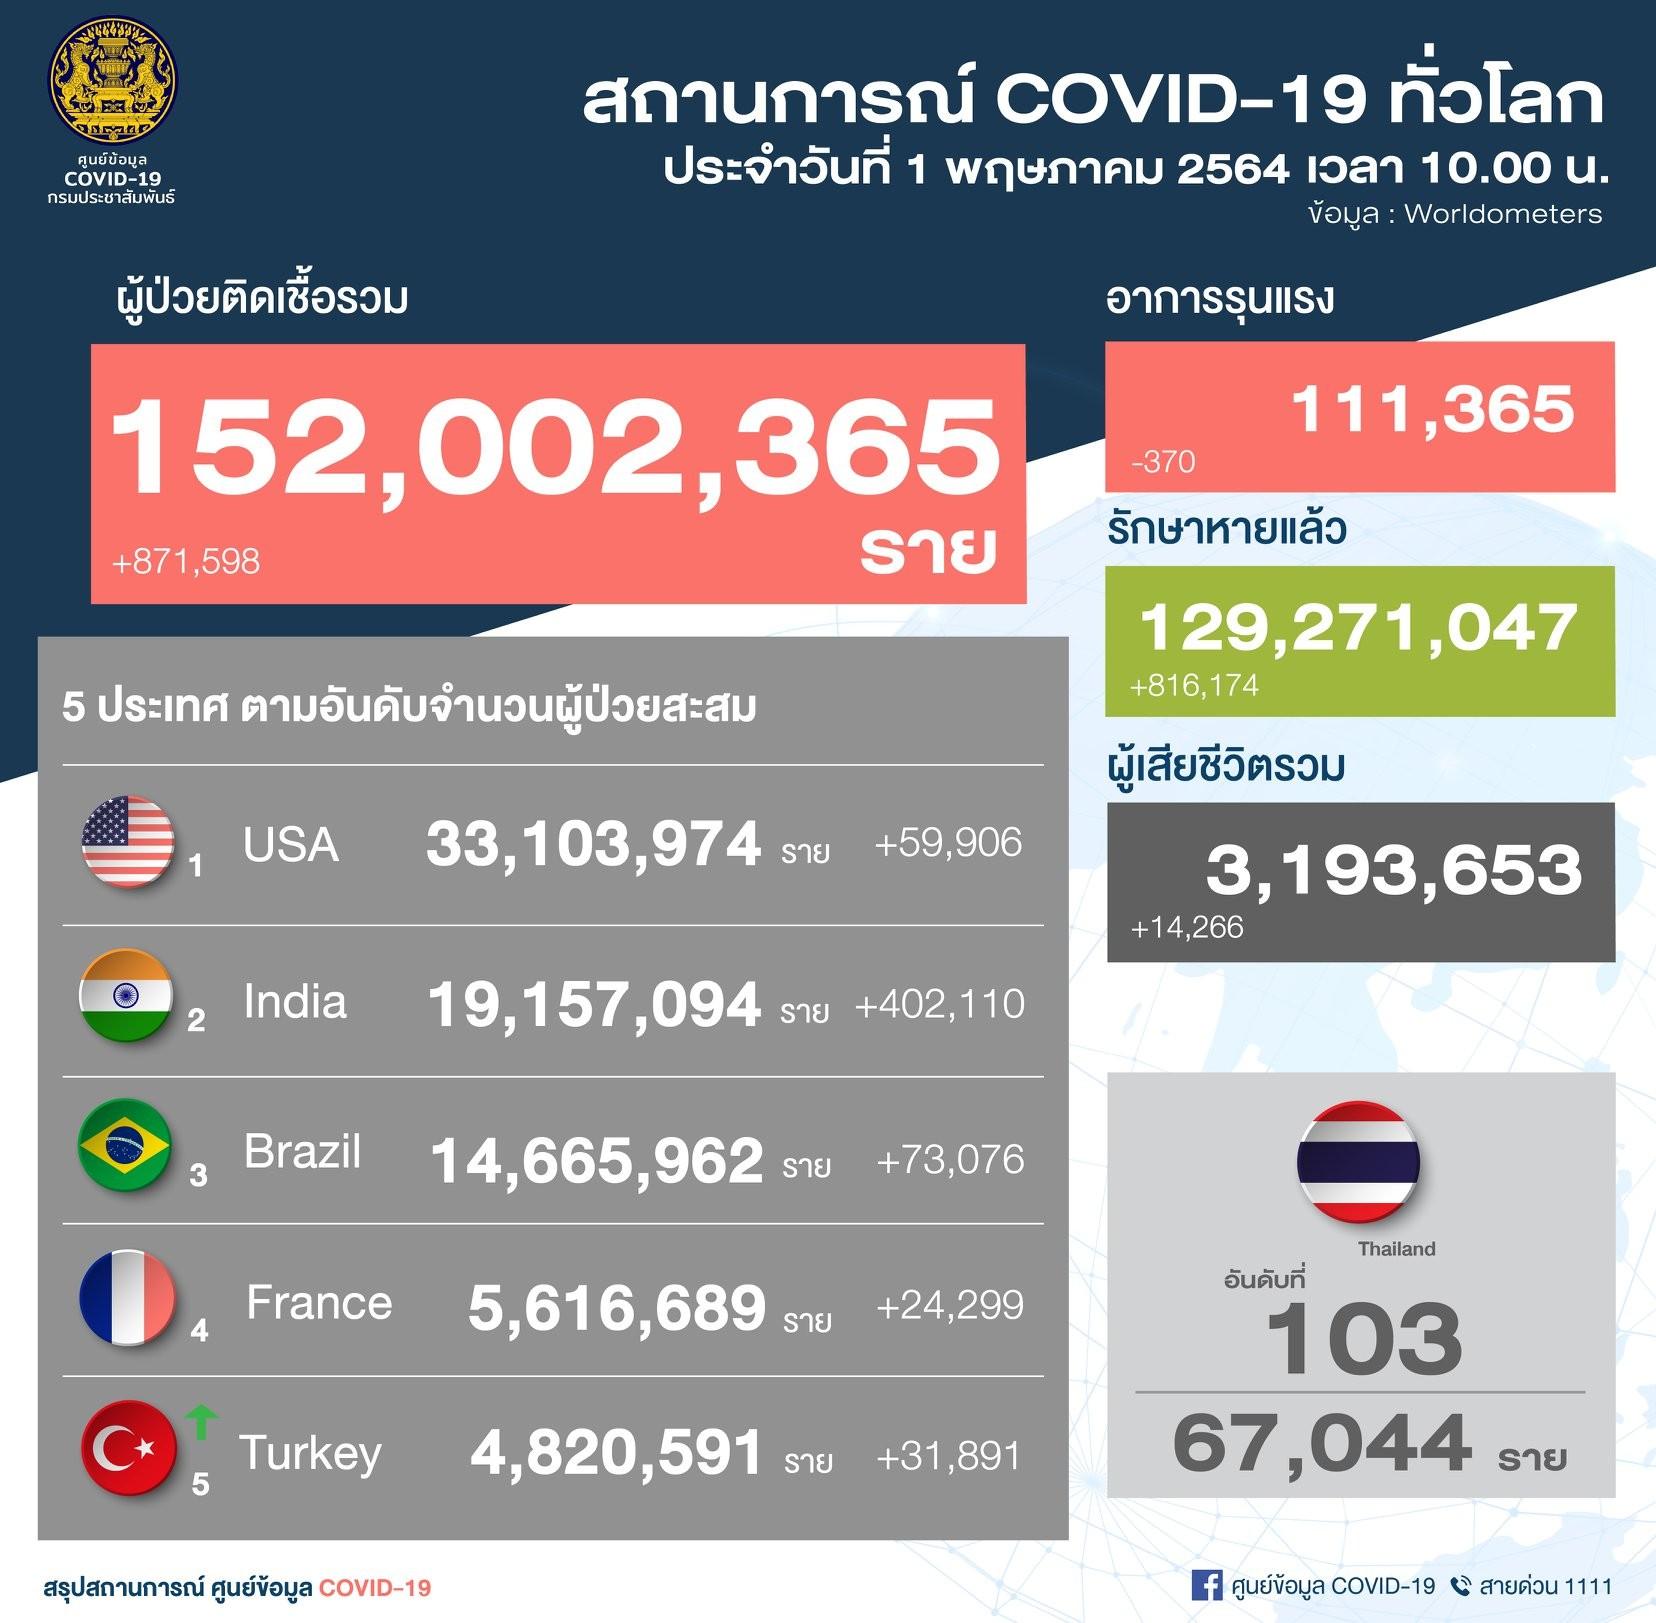 รายงานข่าวกรณีโรคติดเชื้อไวรัสโคโรนา 2019 (COVID-19) ประจำวันที่ 1 พฤษภาคม  2564